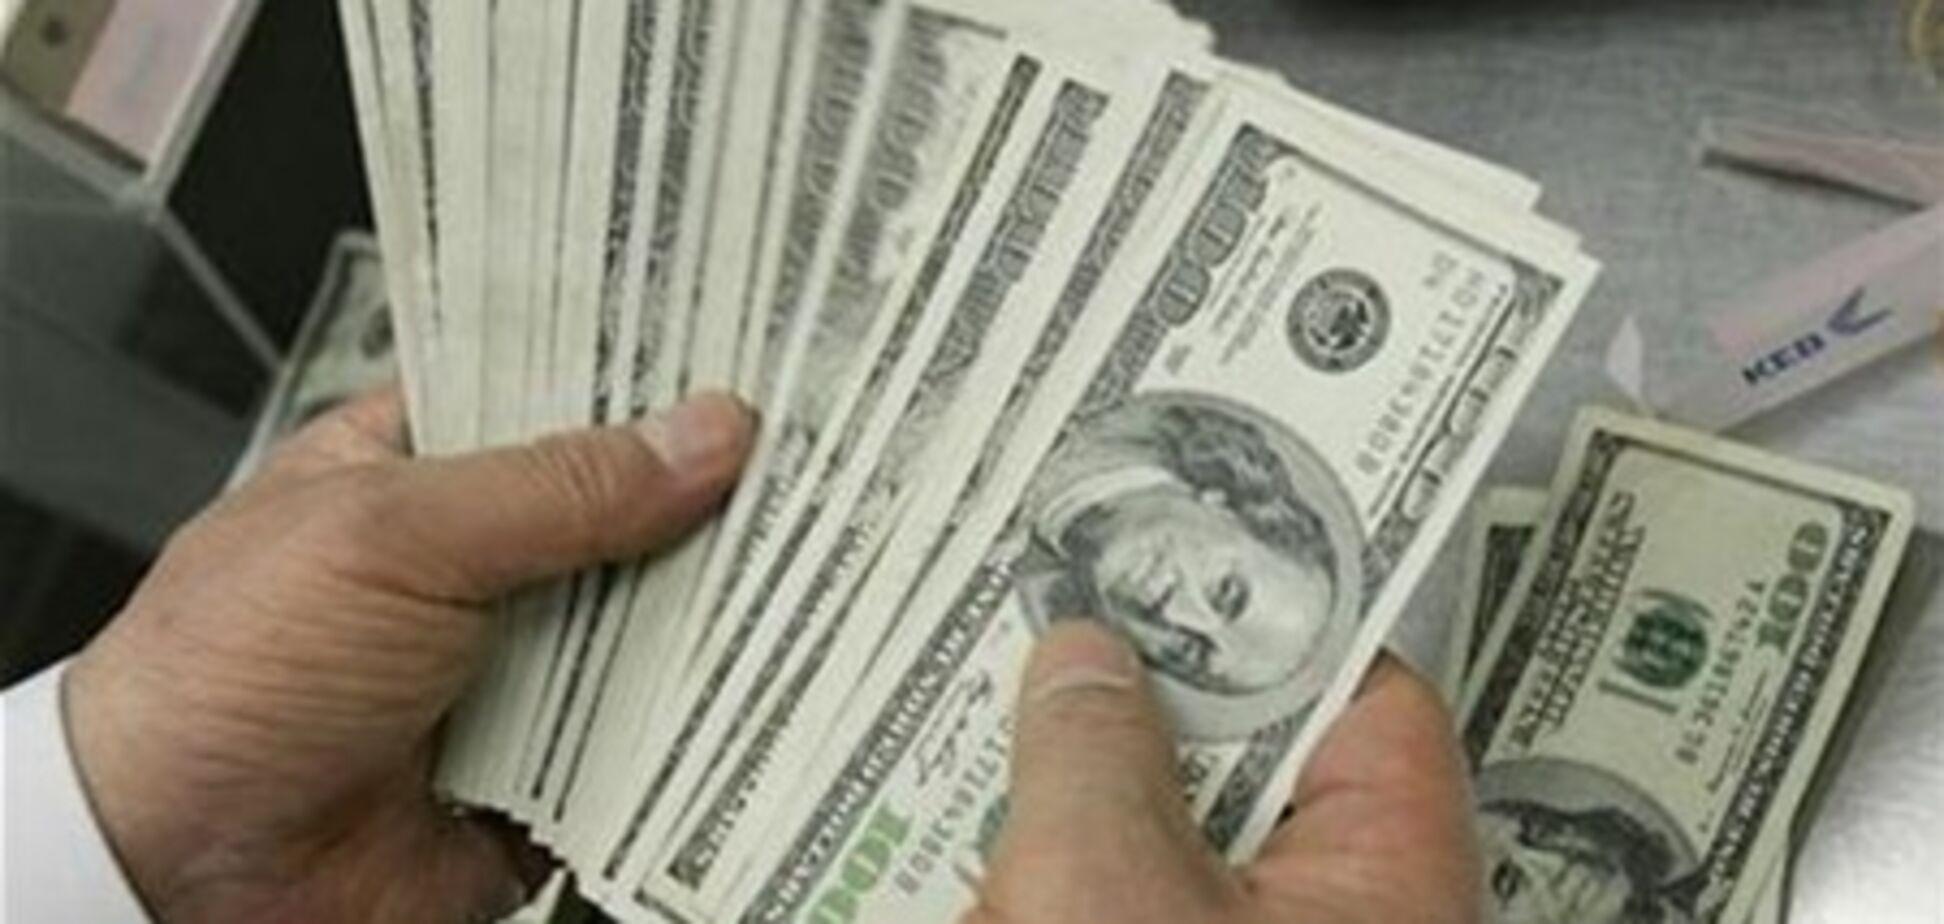 Новые владельцы дома нашли на чердаке 45 000$ и вернули их хозяевам